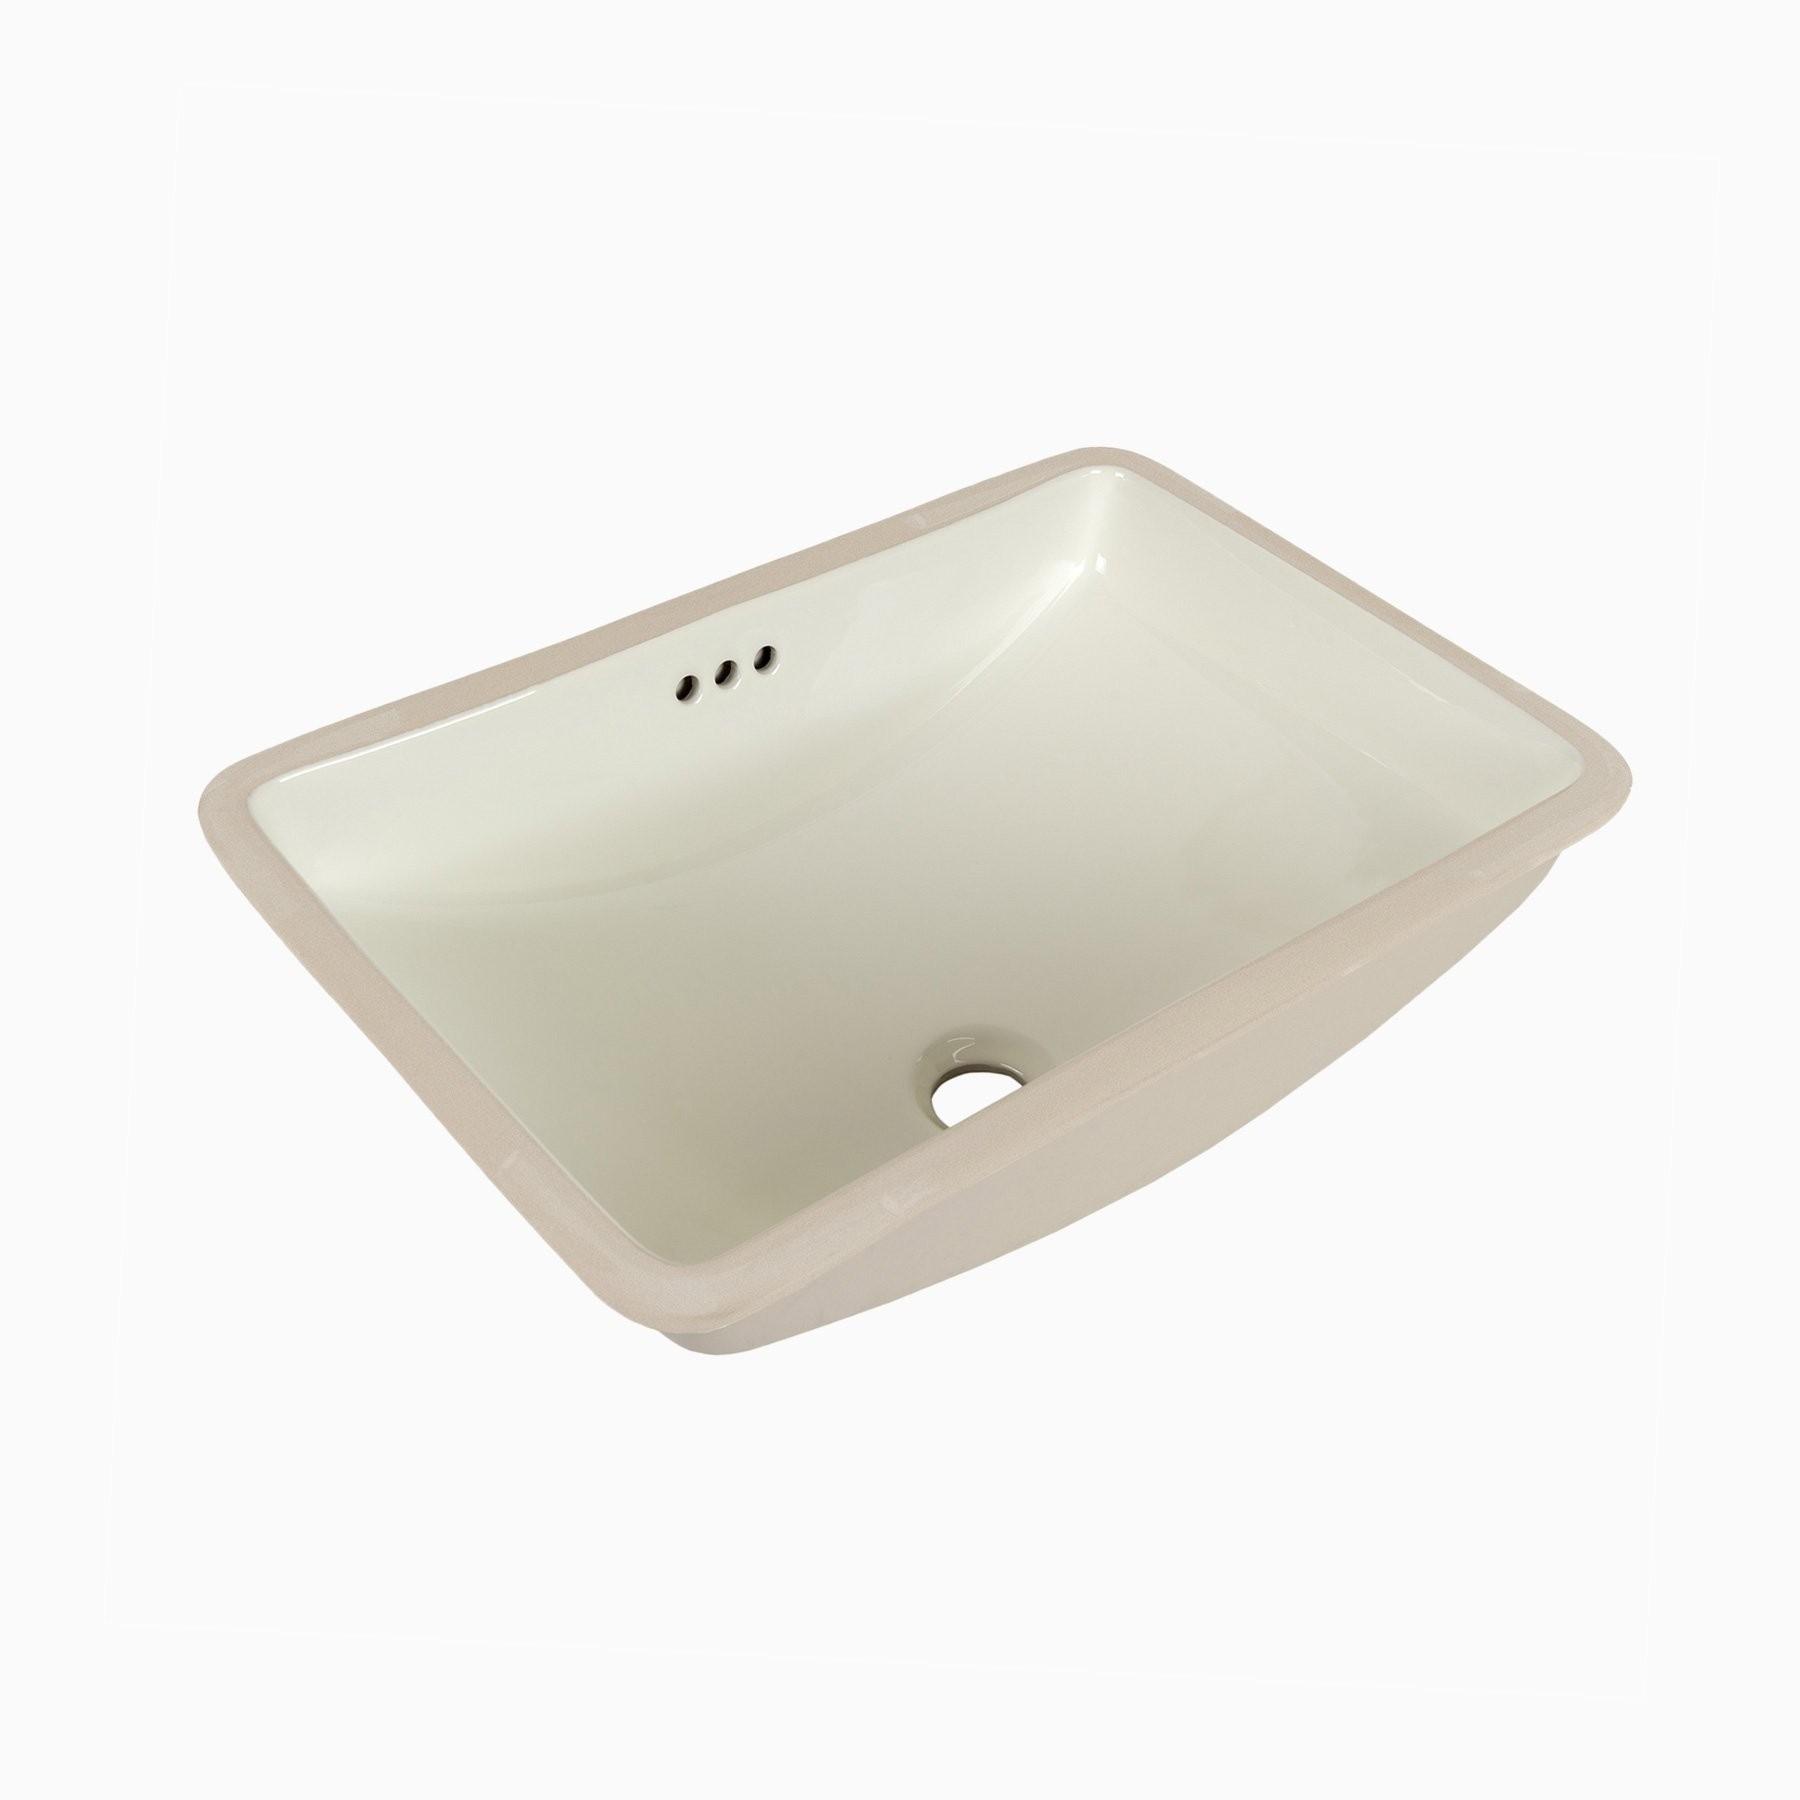 Bristol Biscuit Ceramic Single Sink Undermount Bathroom Sink, No ...